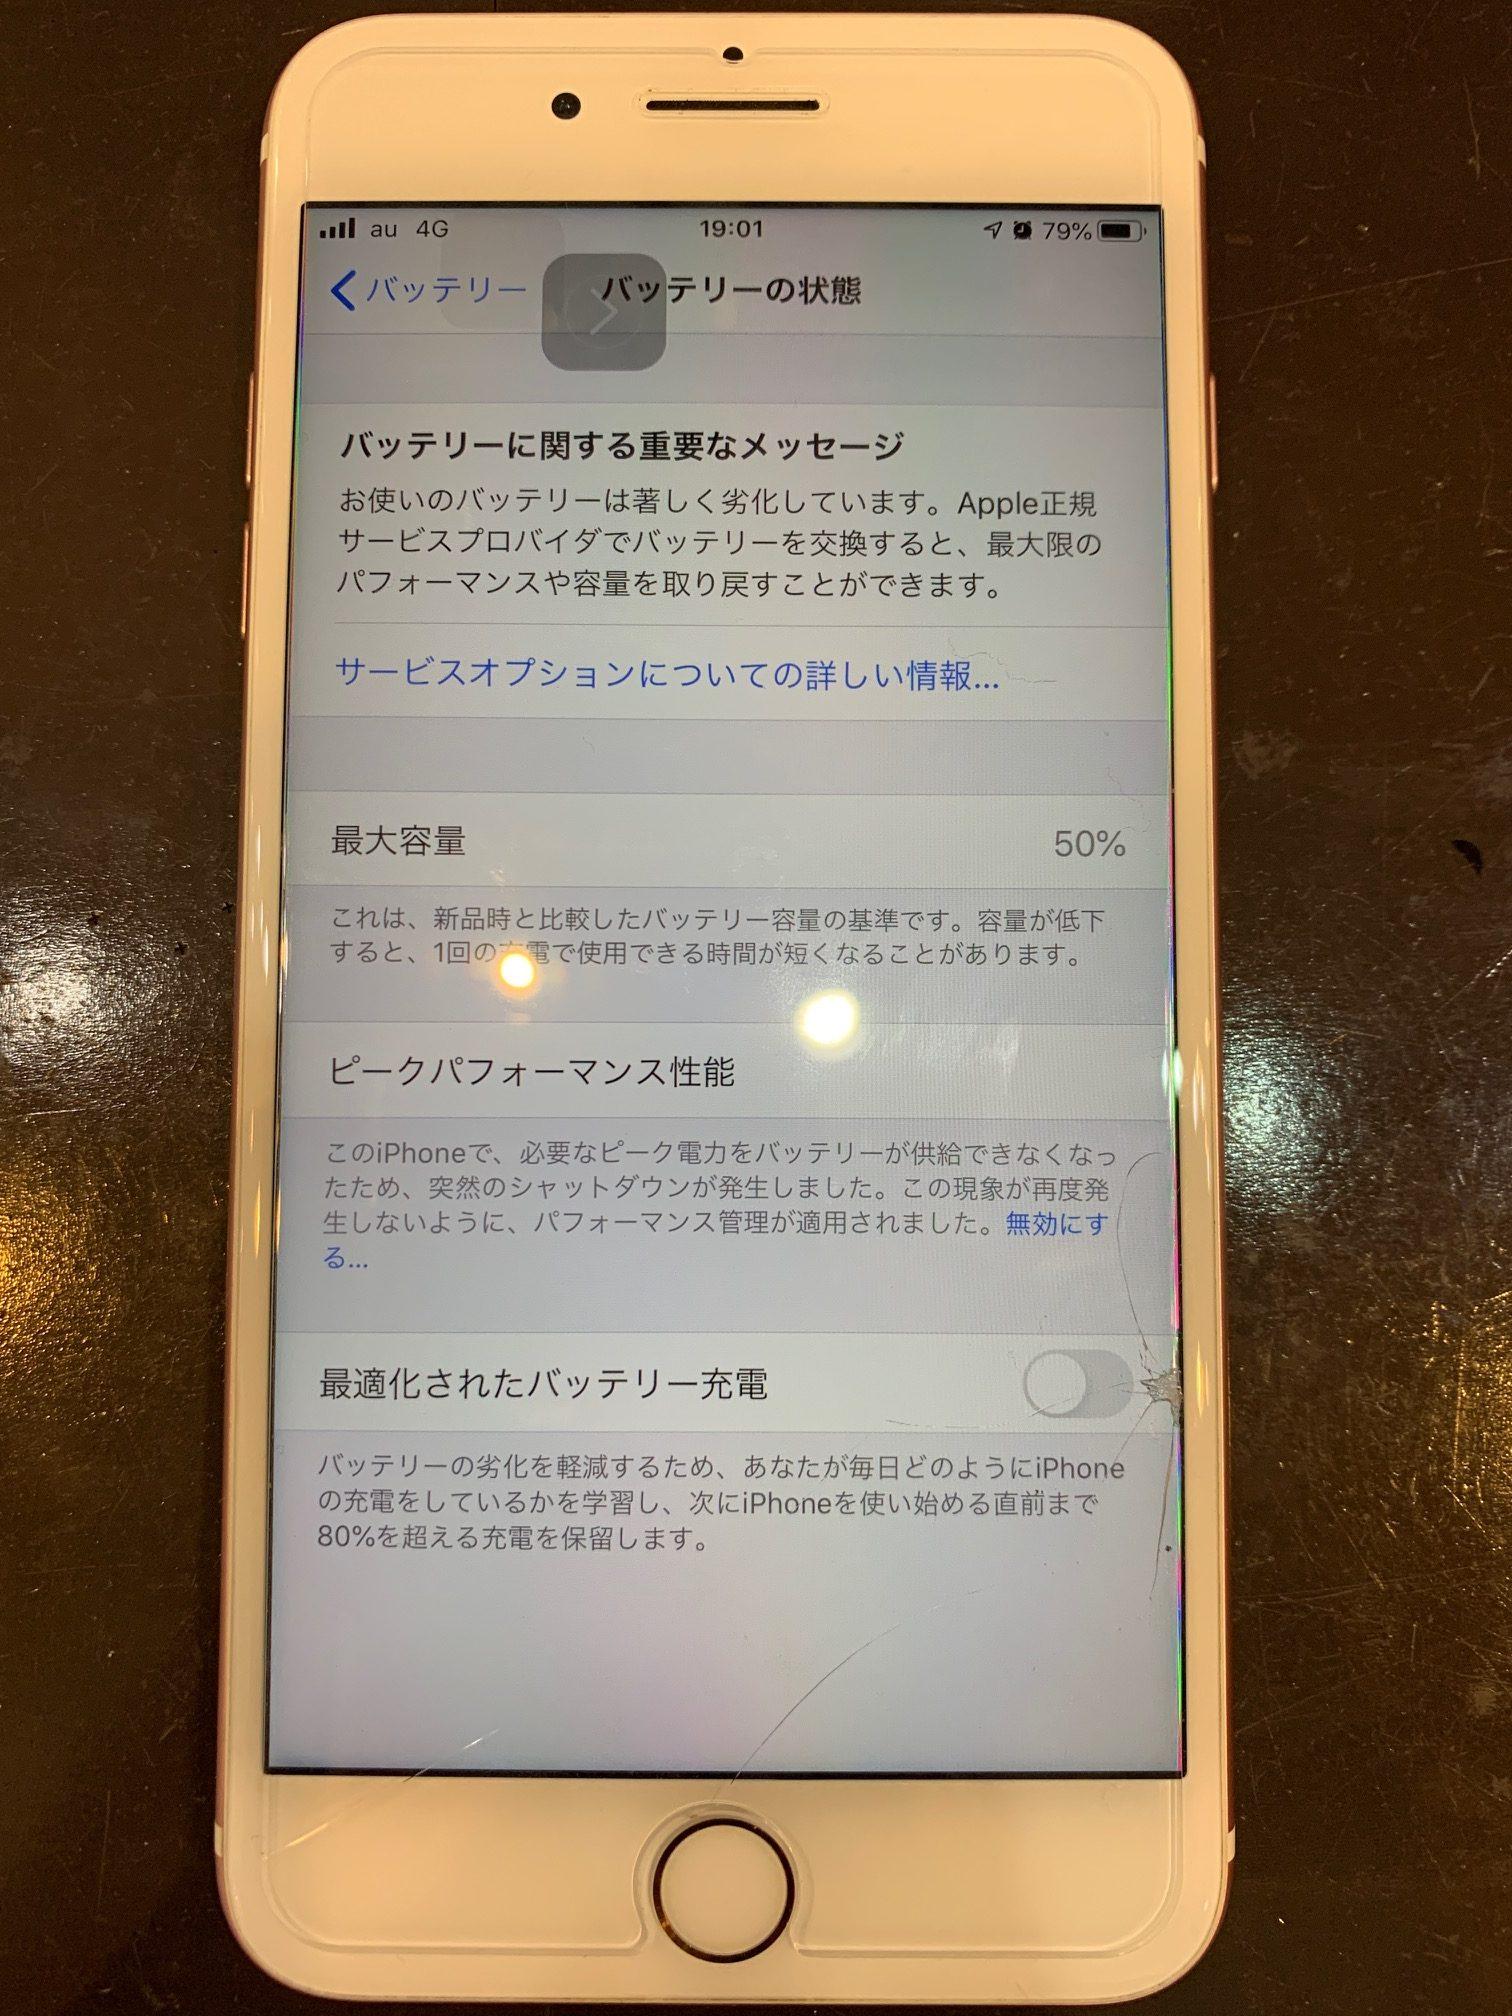 iPhone7plus|バッテリーが劣化して充電の減りが早い|宝塚市よりご来店   ℳ